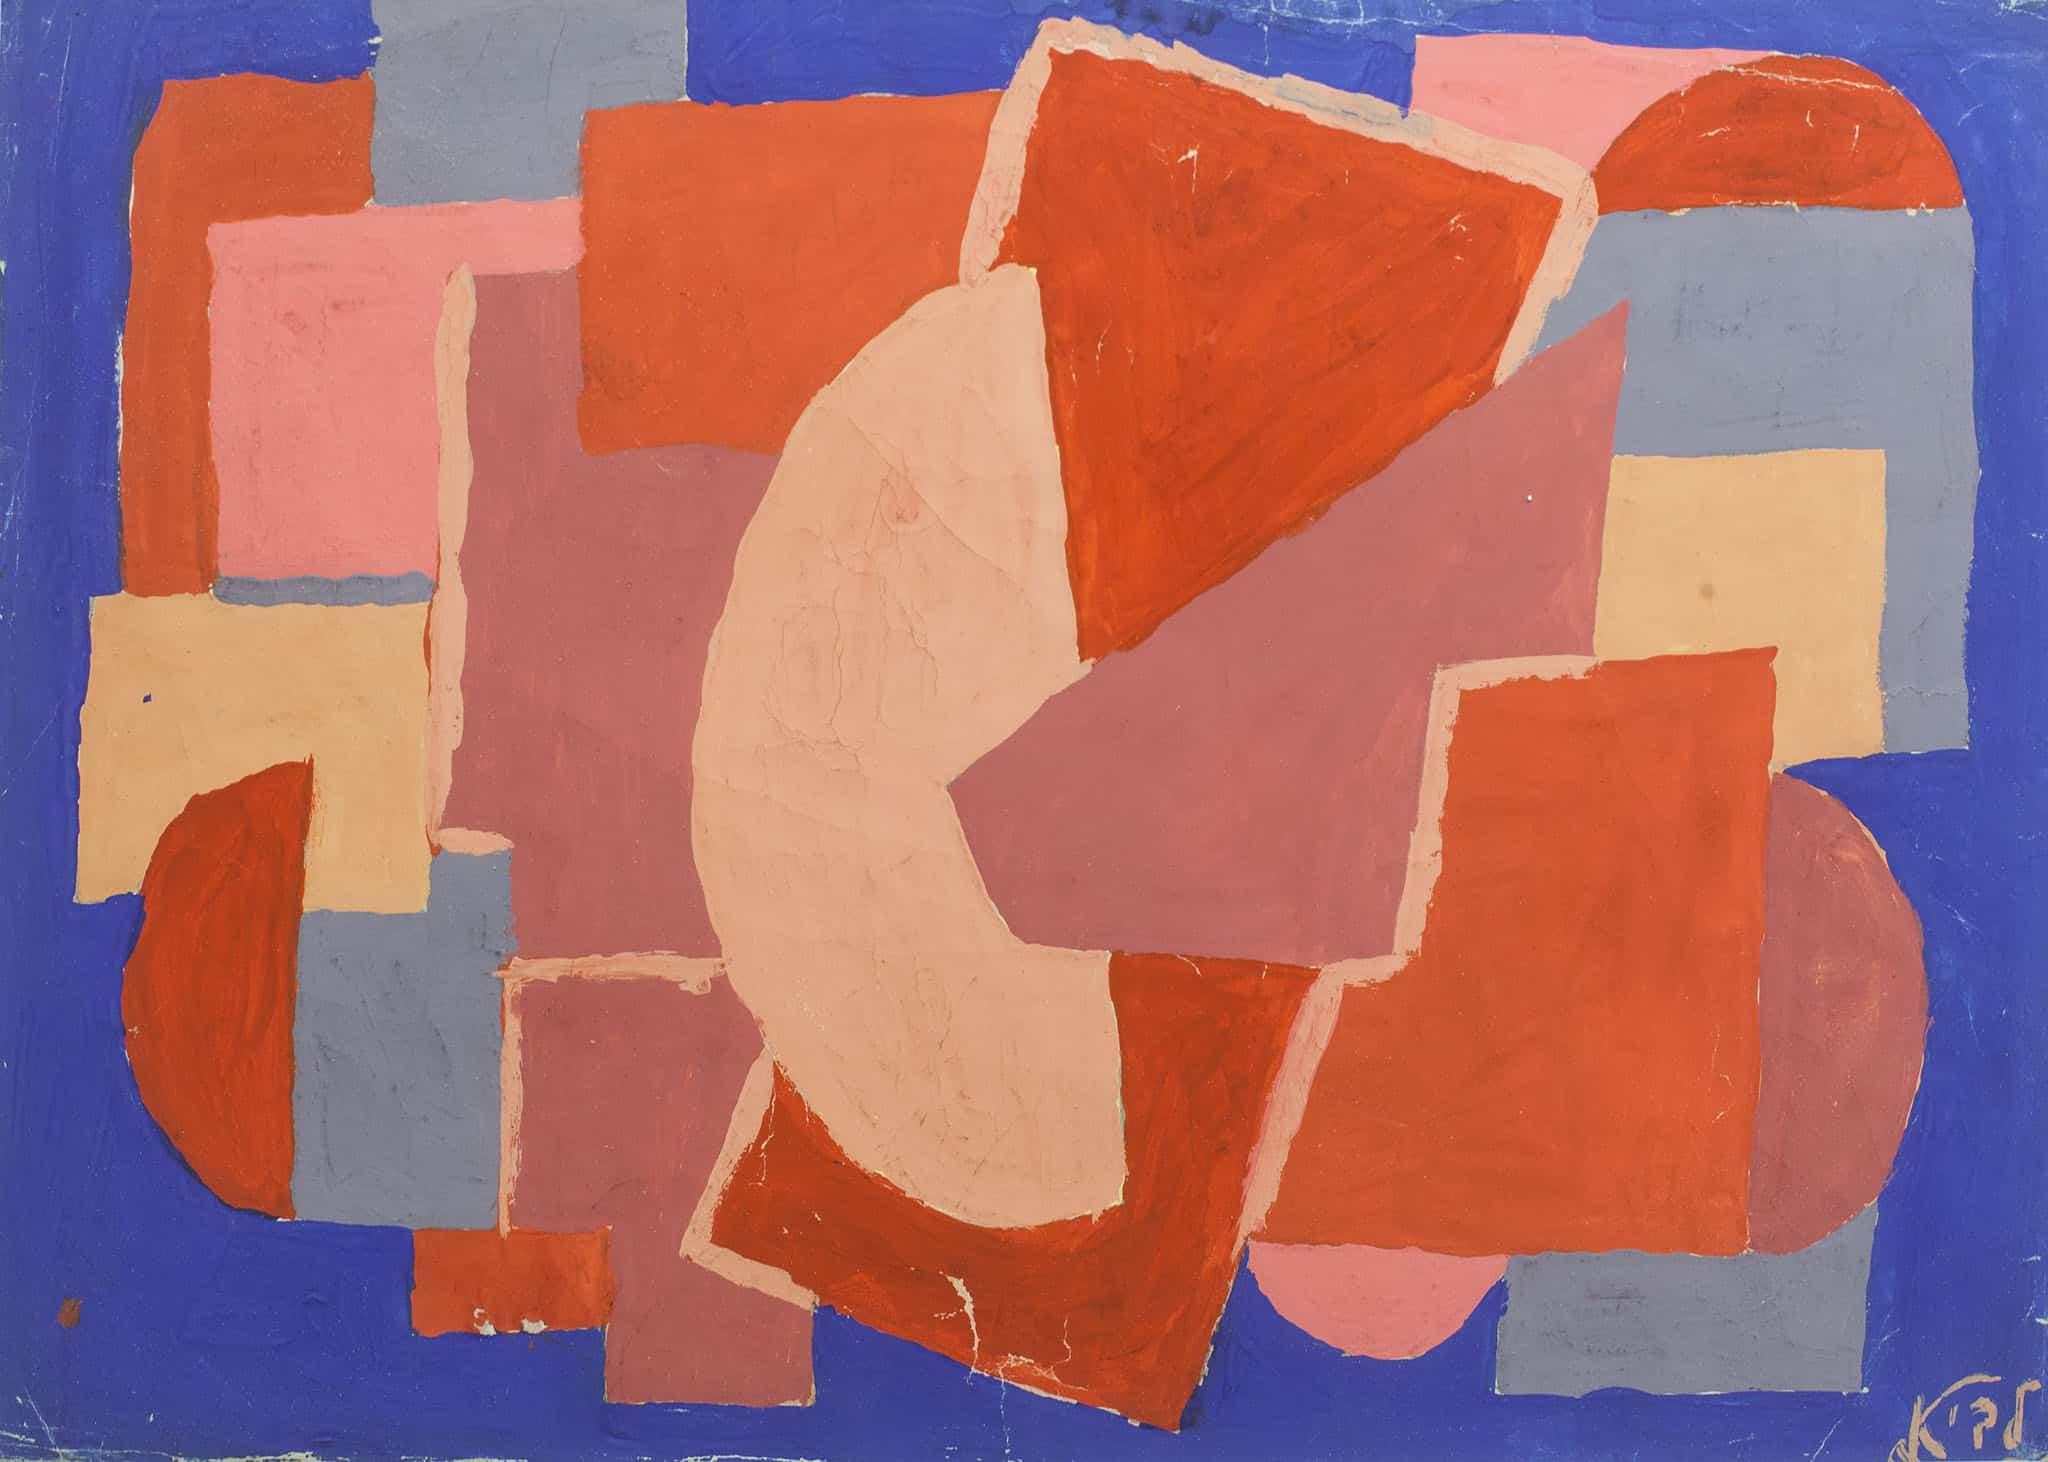 """רפי לביא, """"קומפוזיציה מס' 98"""", 1955, גואש על נייר, 35x25 ס""""מ"""